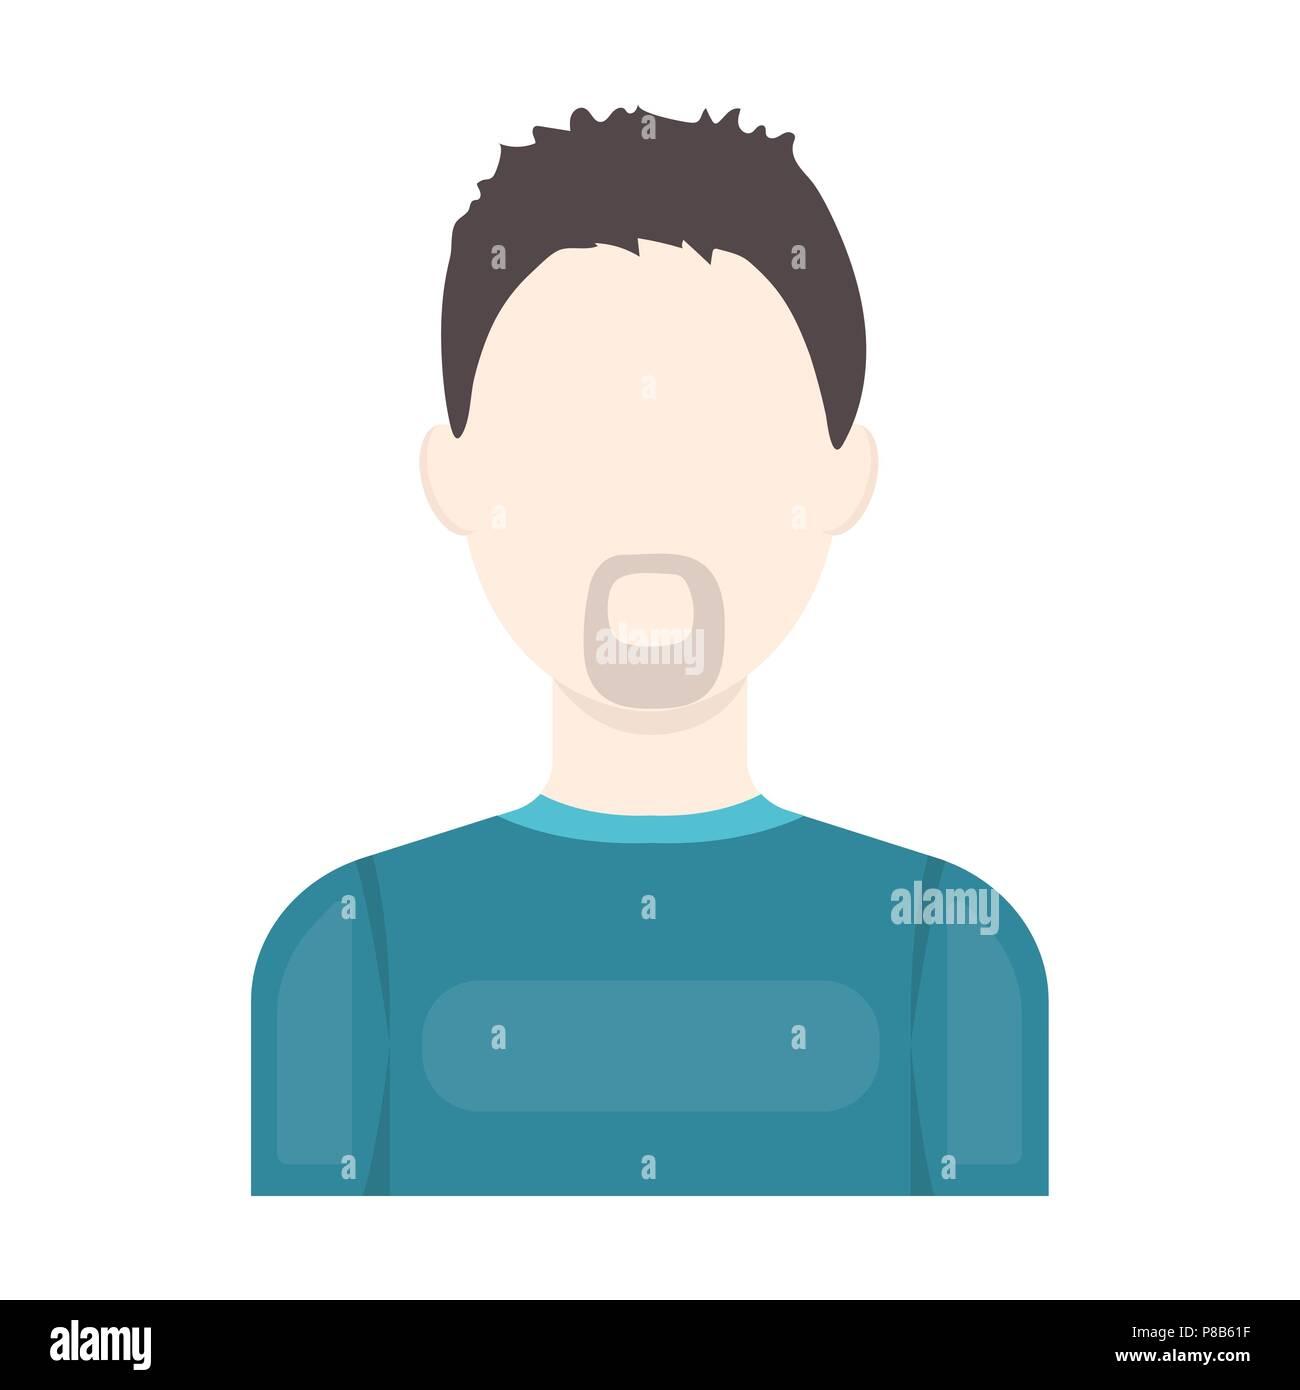 Con barba icona cartoon avatar unico peaople icona da grandi